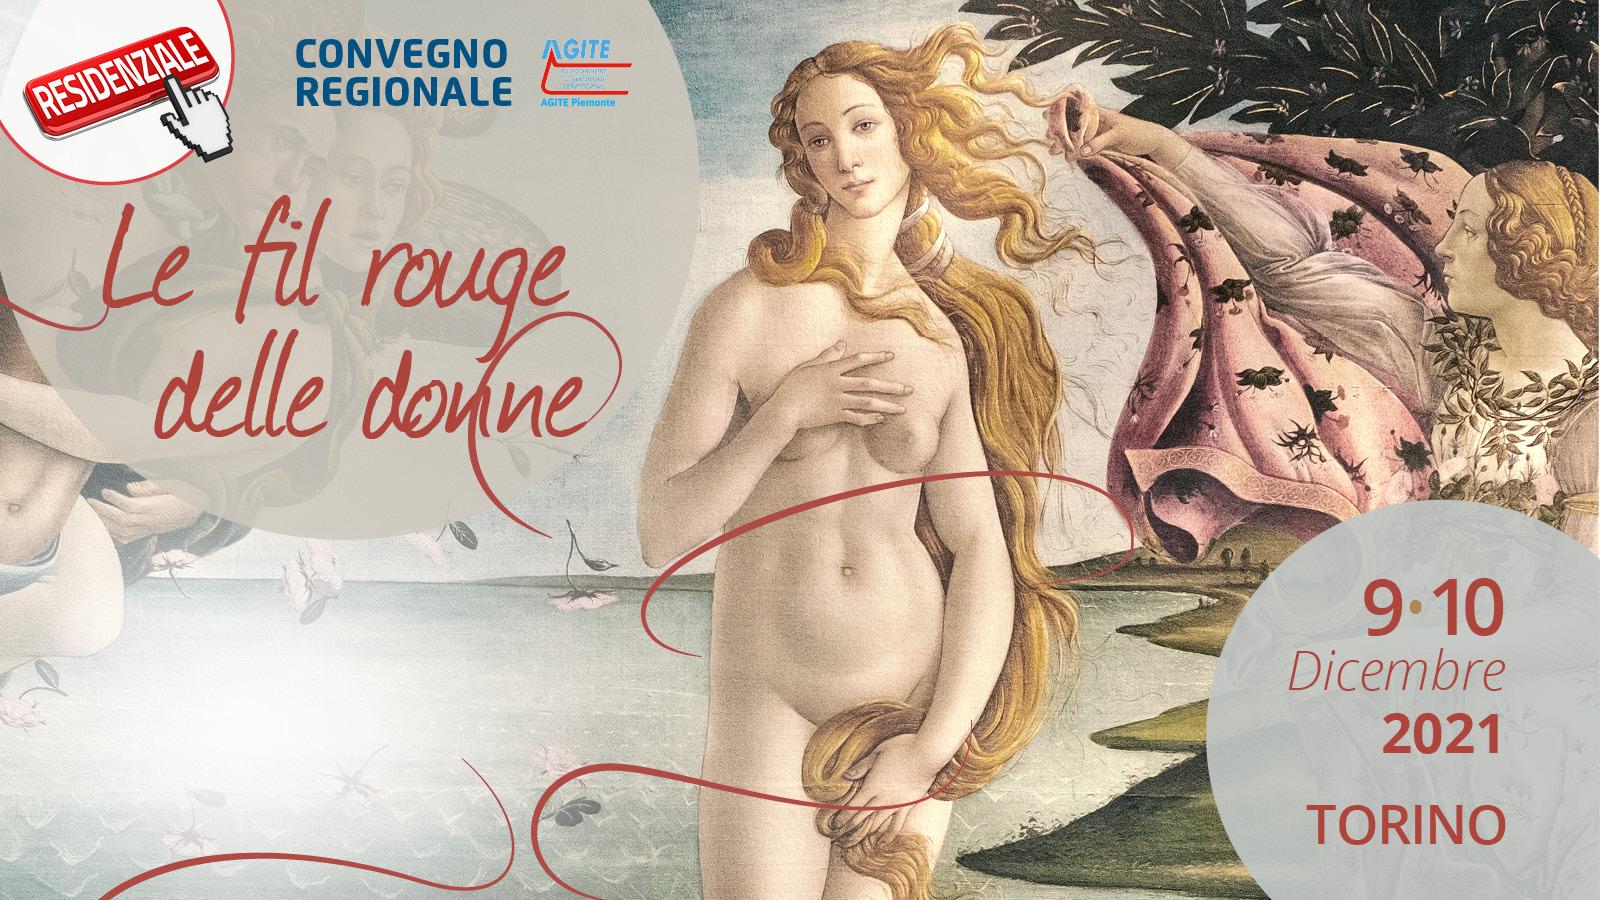 """Convegno regionale AGITE Piemonte """"le fil rouge delle donne"""""""